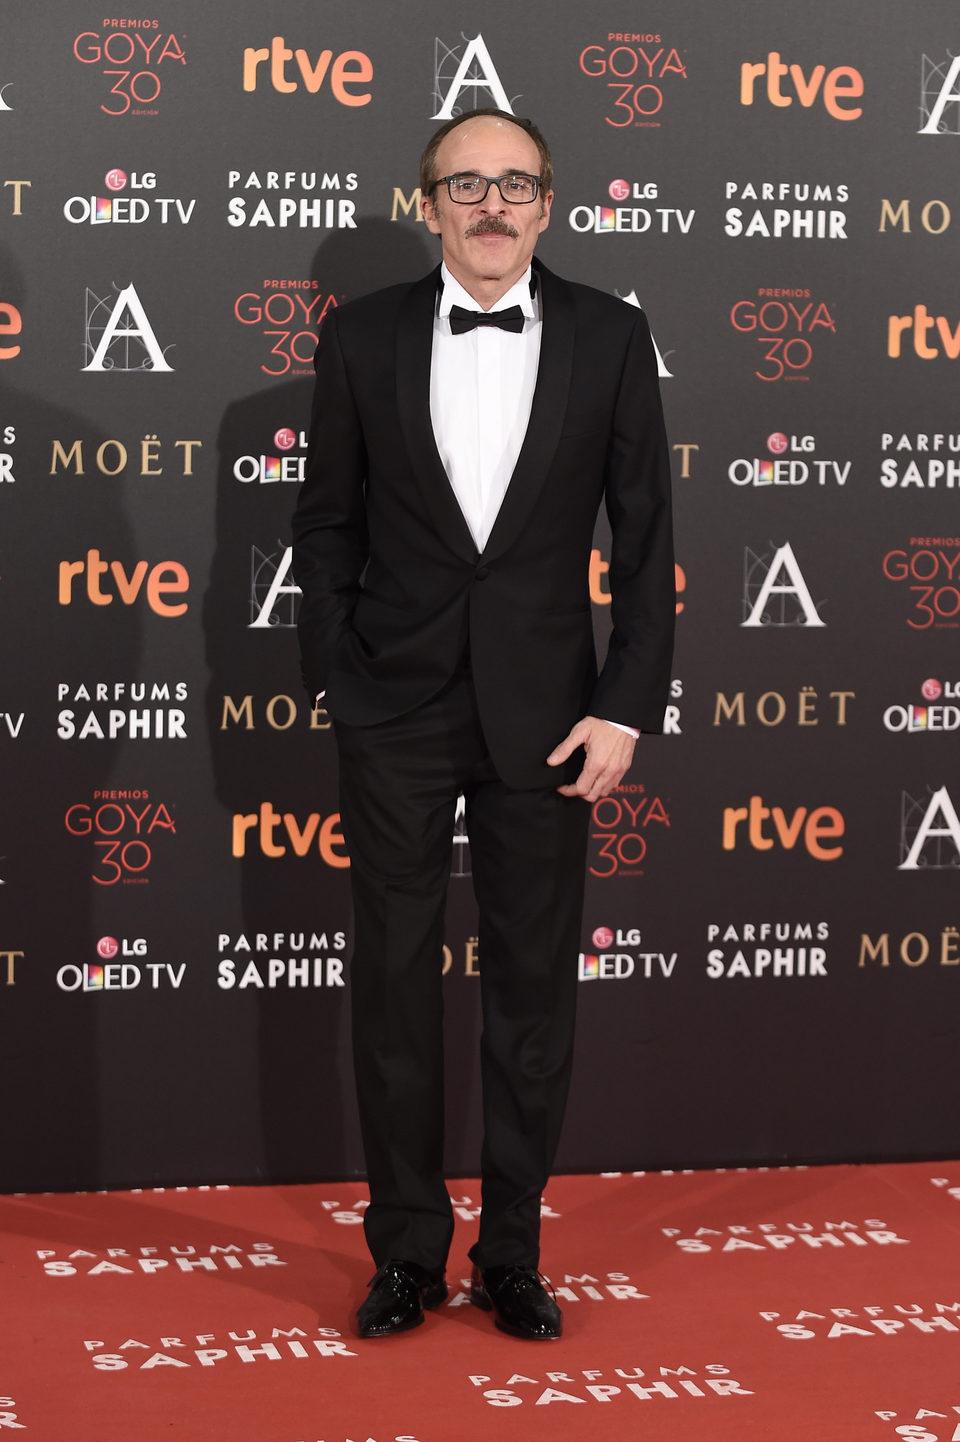 Fernando Guillén Cuervo en la alfombra de los Premios Goya 2016